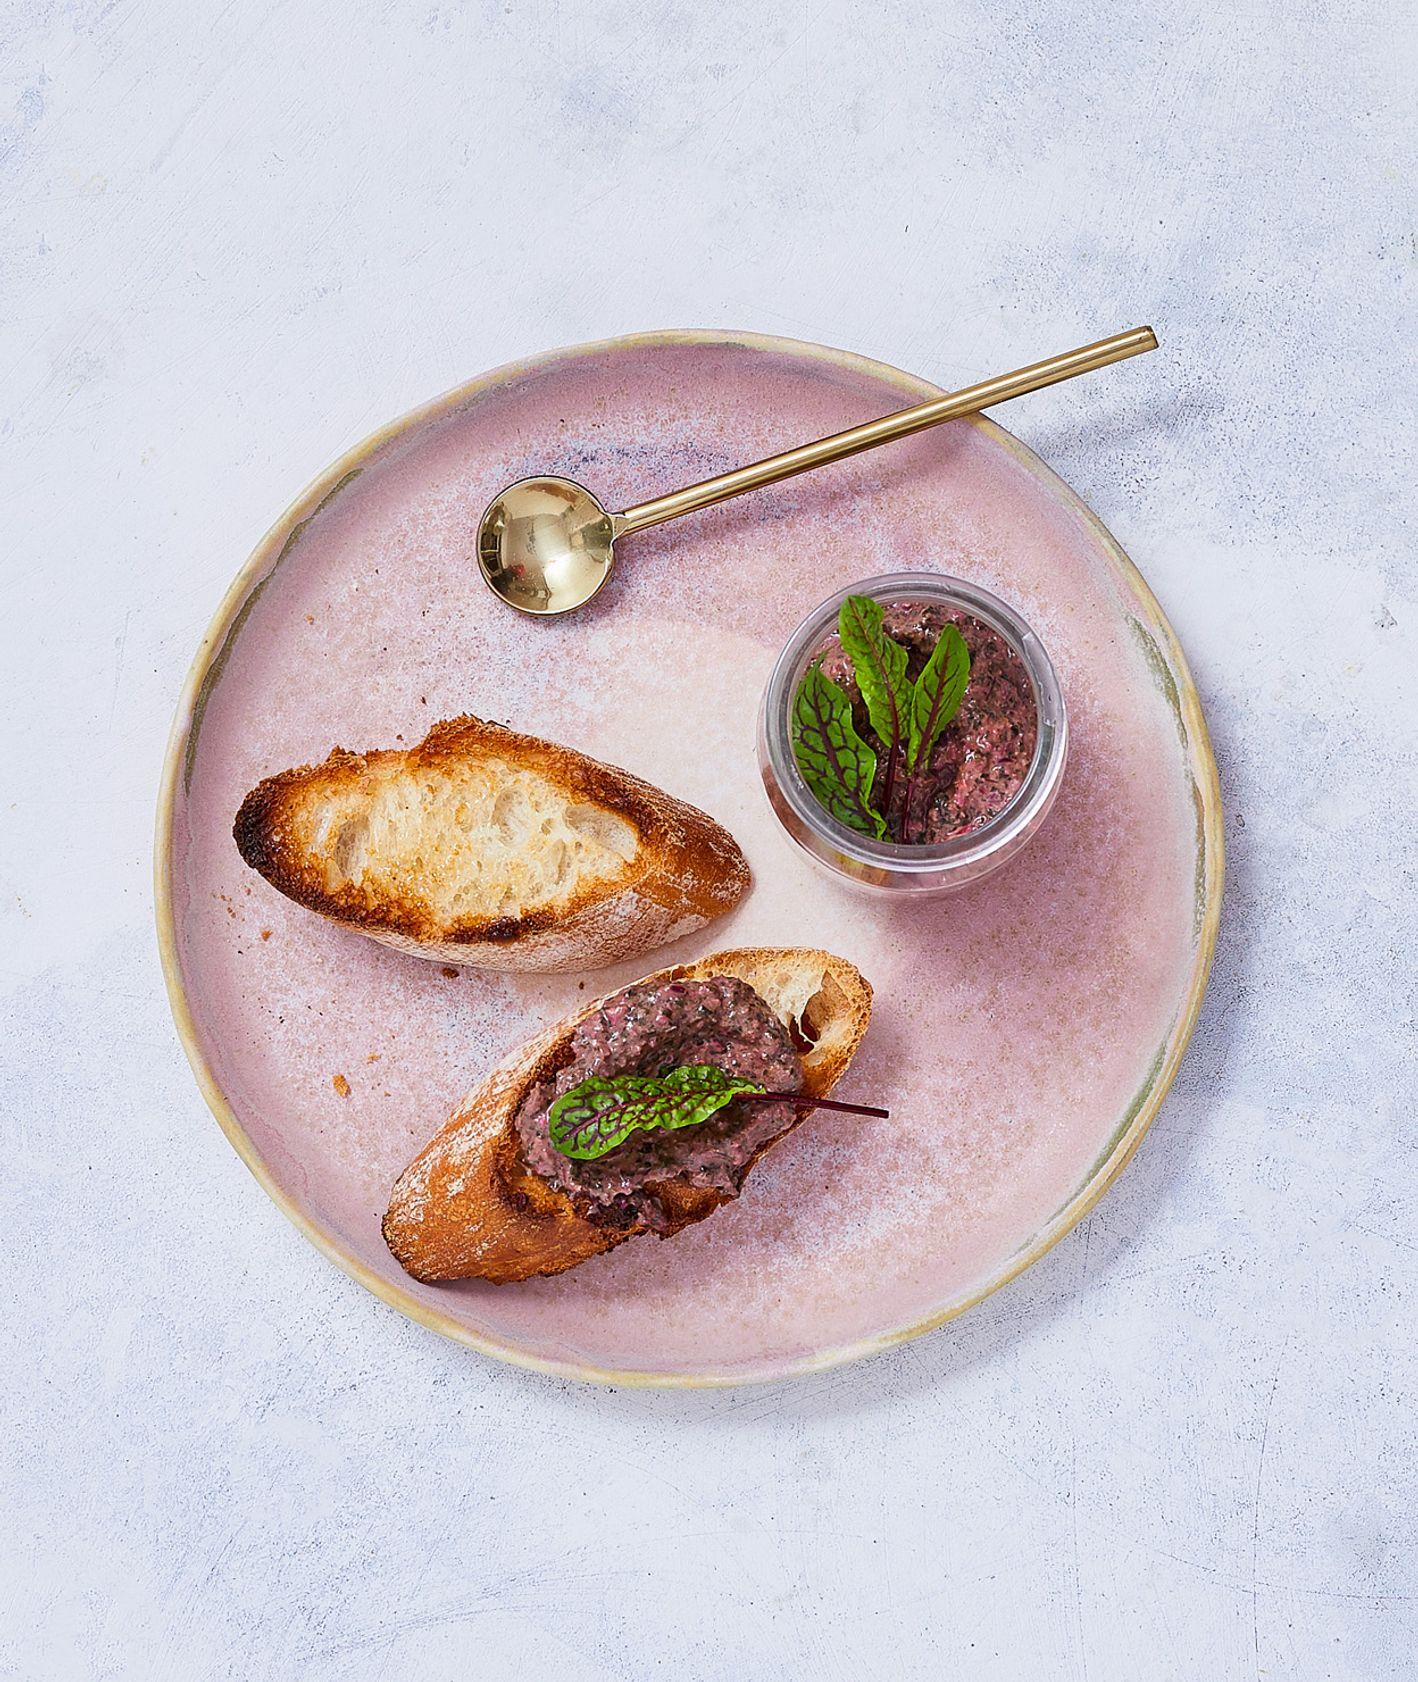 Pesto z botwiny na grzankach (fot. Maciek Niemojewski)